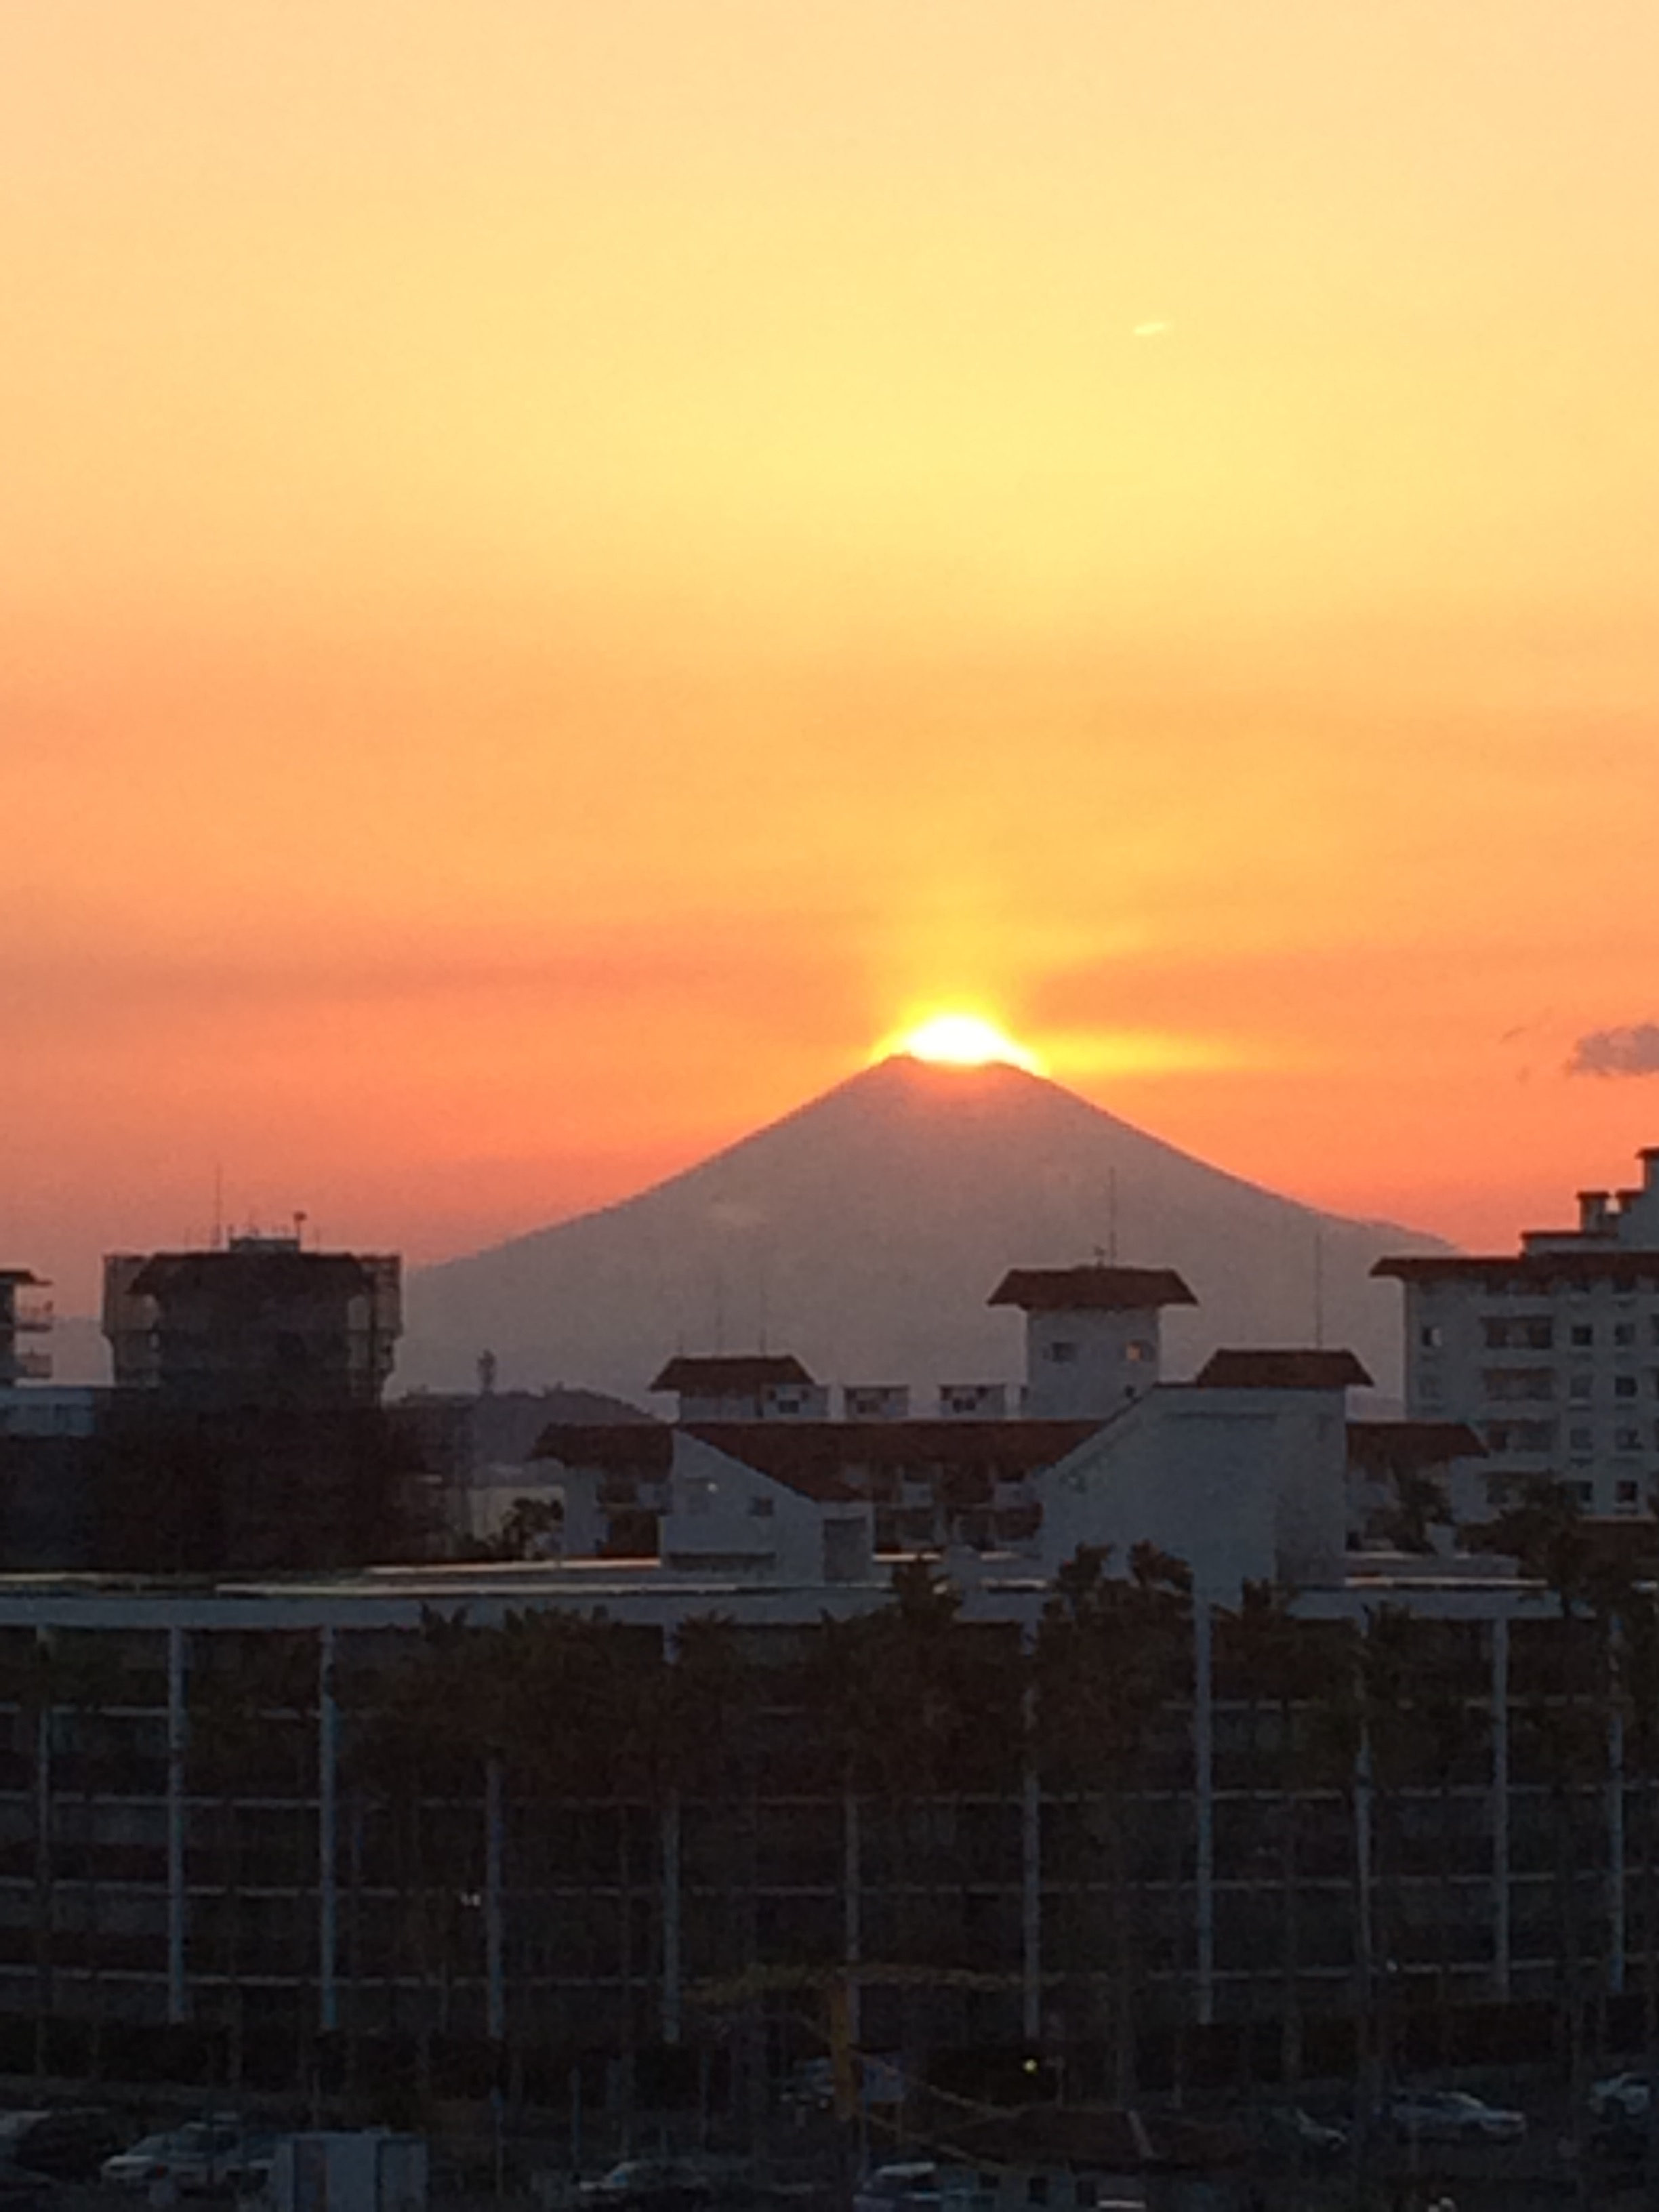 時に、西暦2015年9月6日17時48分、ダイヤモンド富士、逗子海岸に襲来